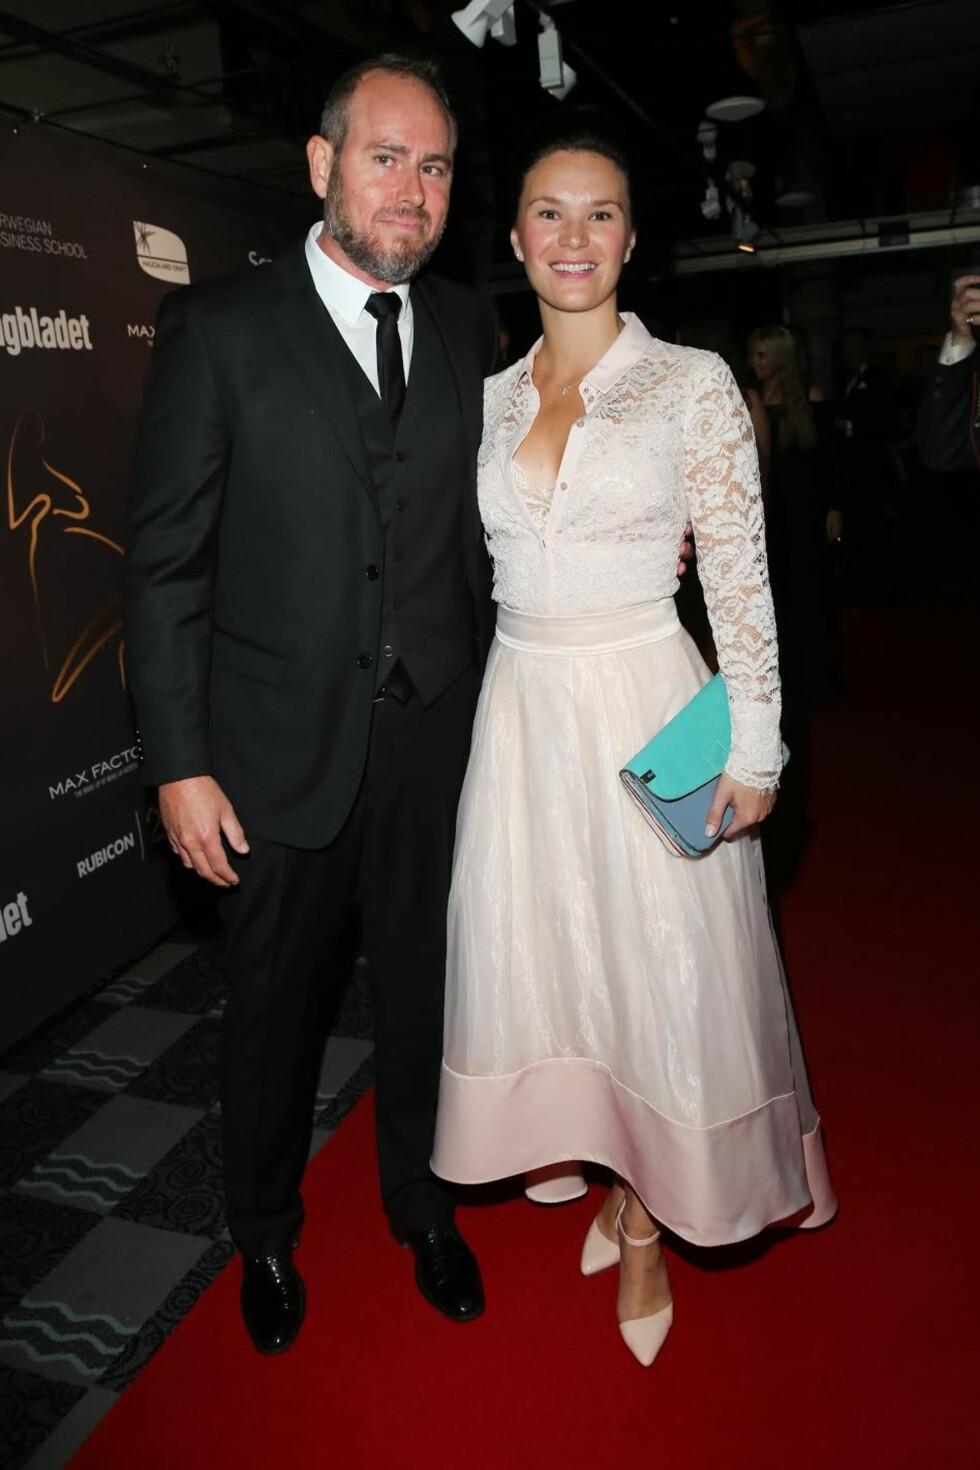 LILYHAMMER-STJERNE: Tommy Karlsen Sandum kom med kjæresten Annette Gjerde Hansen.  Foto: Andreas Fadum